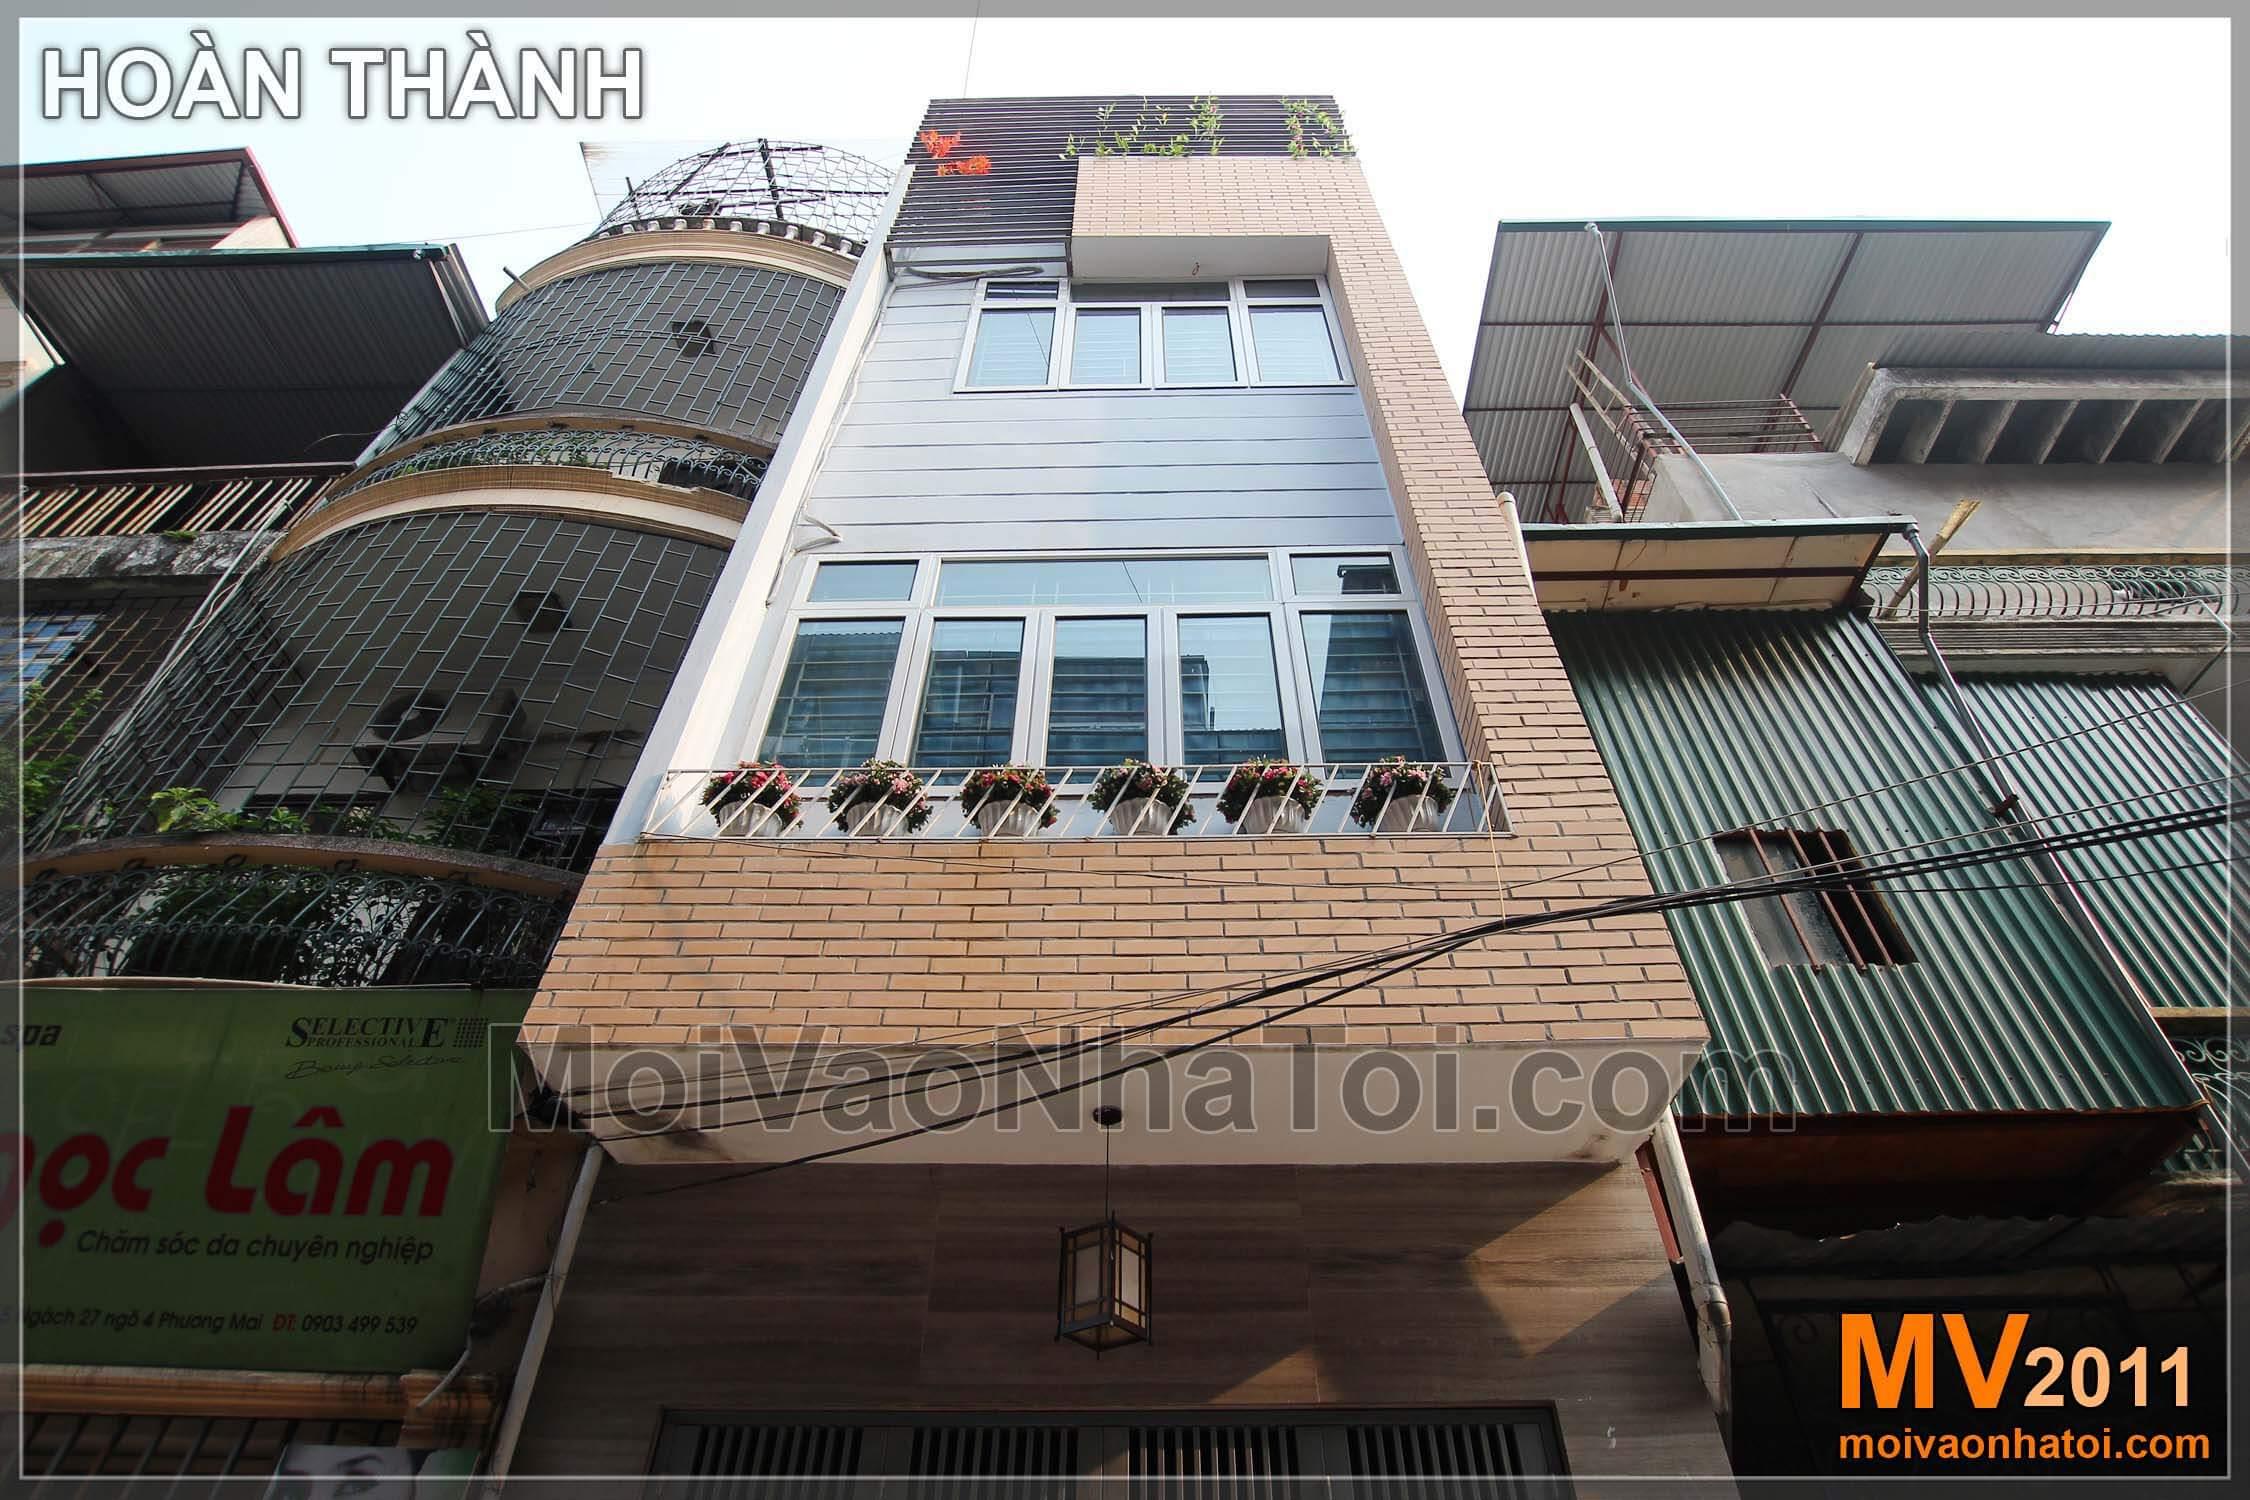 Cải tạo mặt tiền nhà phố đẹp 4 tầng x 80m2 với mặt tiền phong cách hiện đại